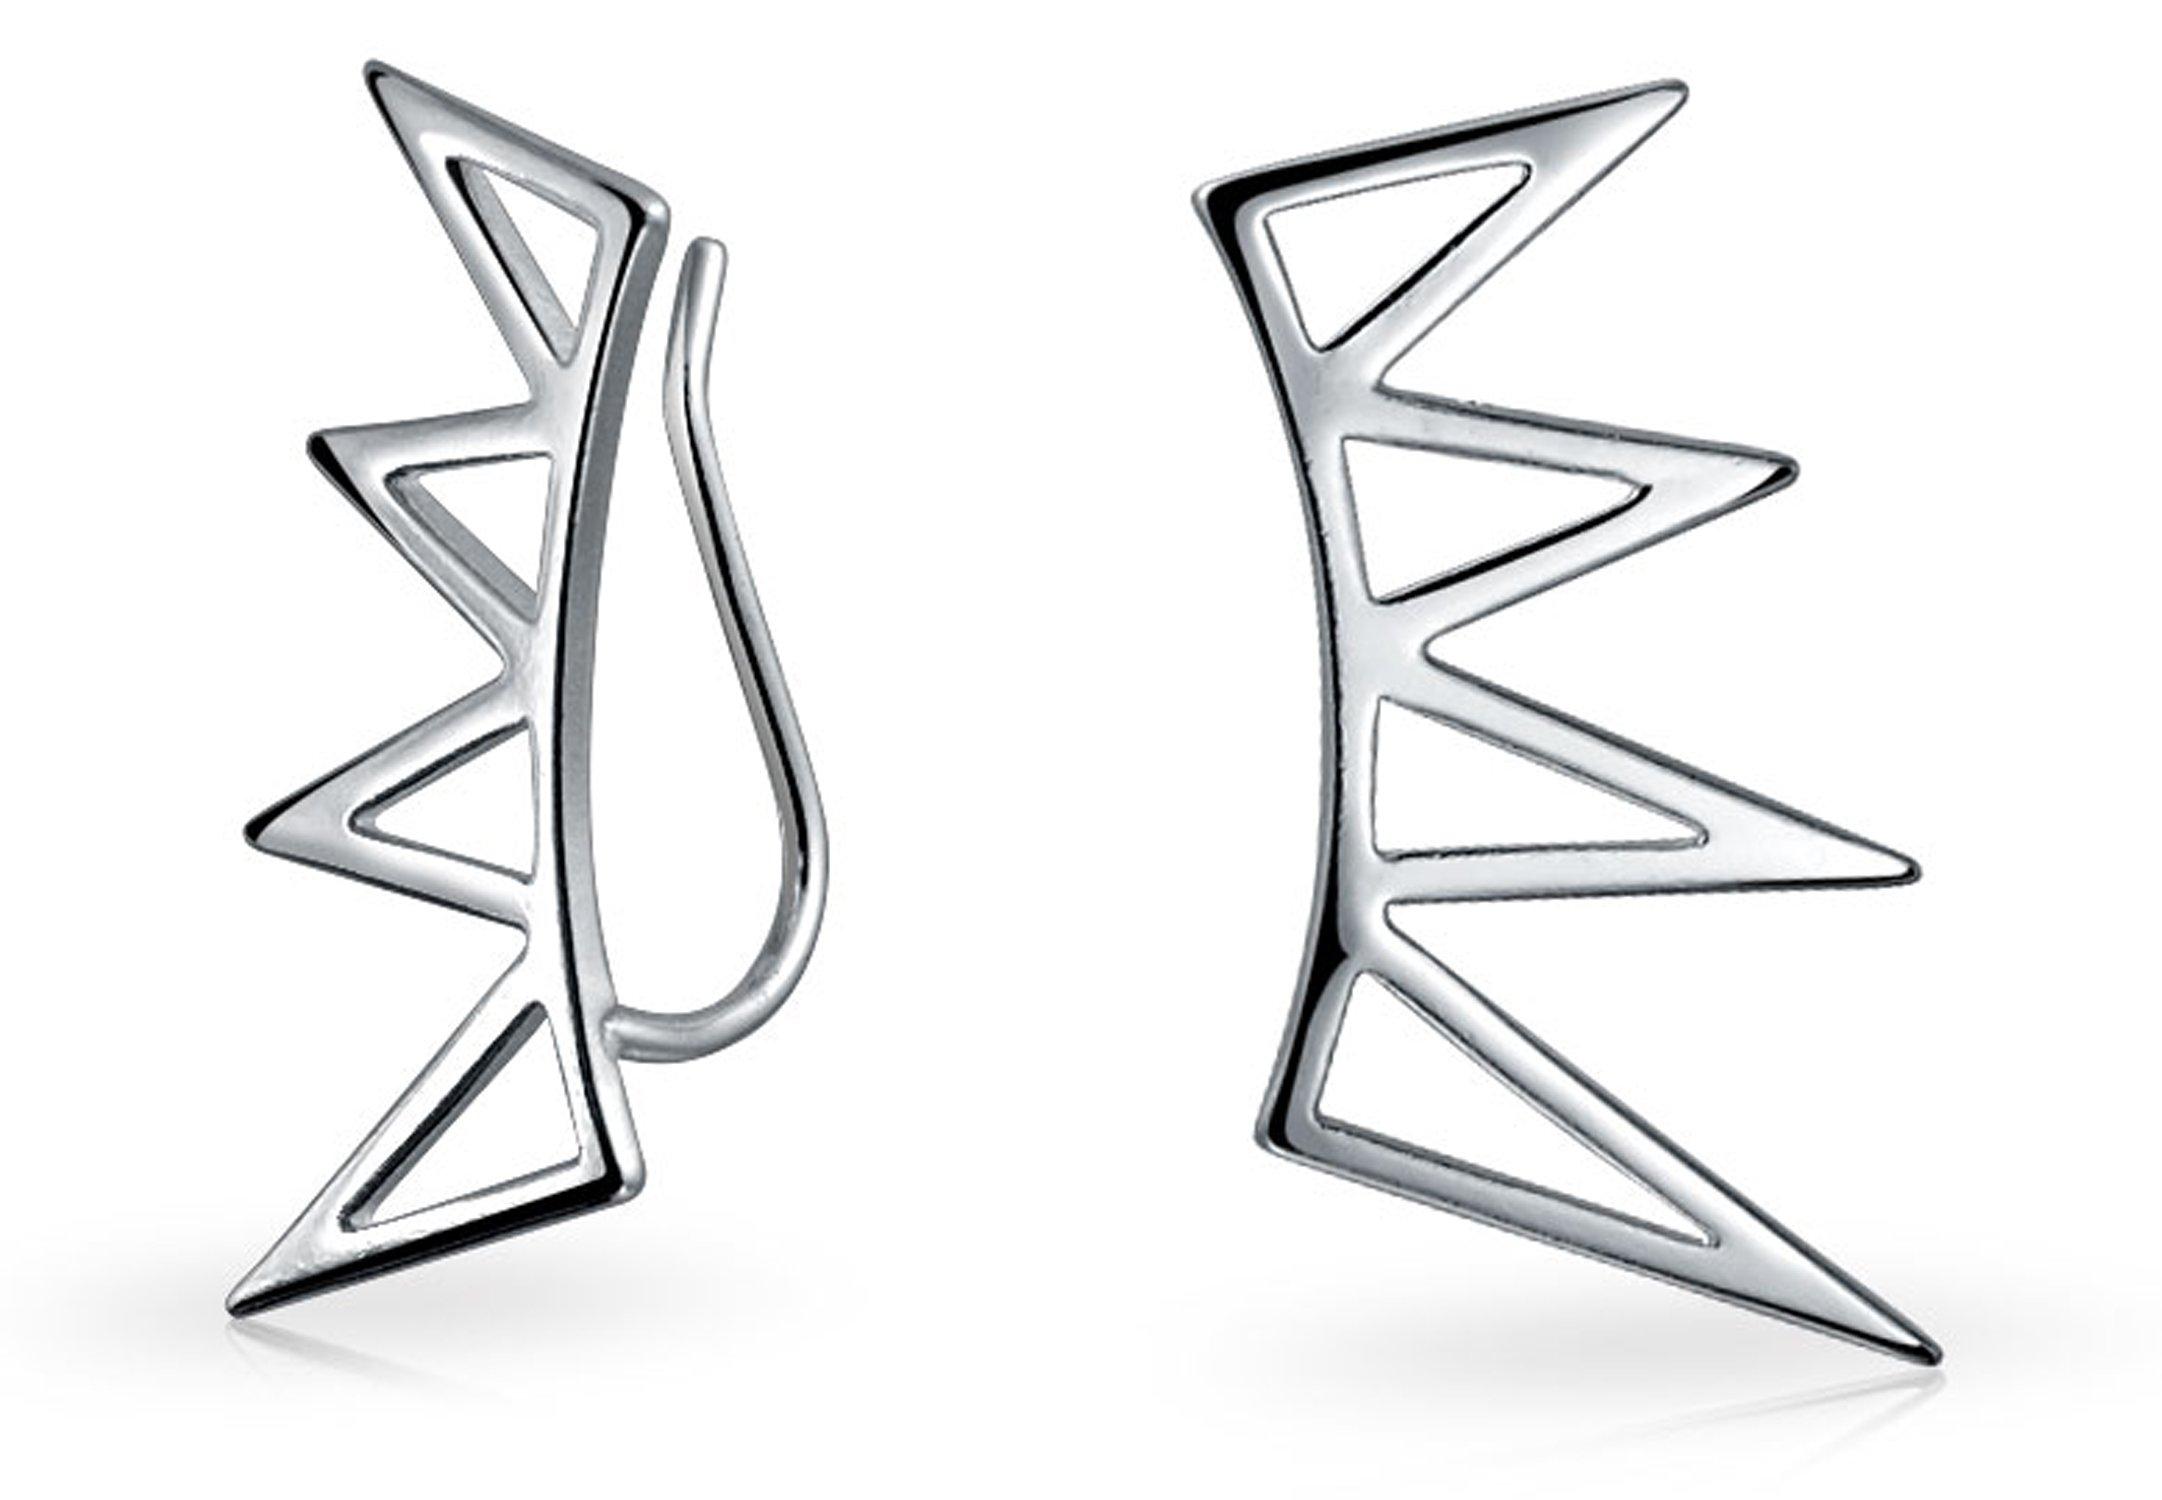 925 Sterling Silver Fan Spike Ear Pins